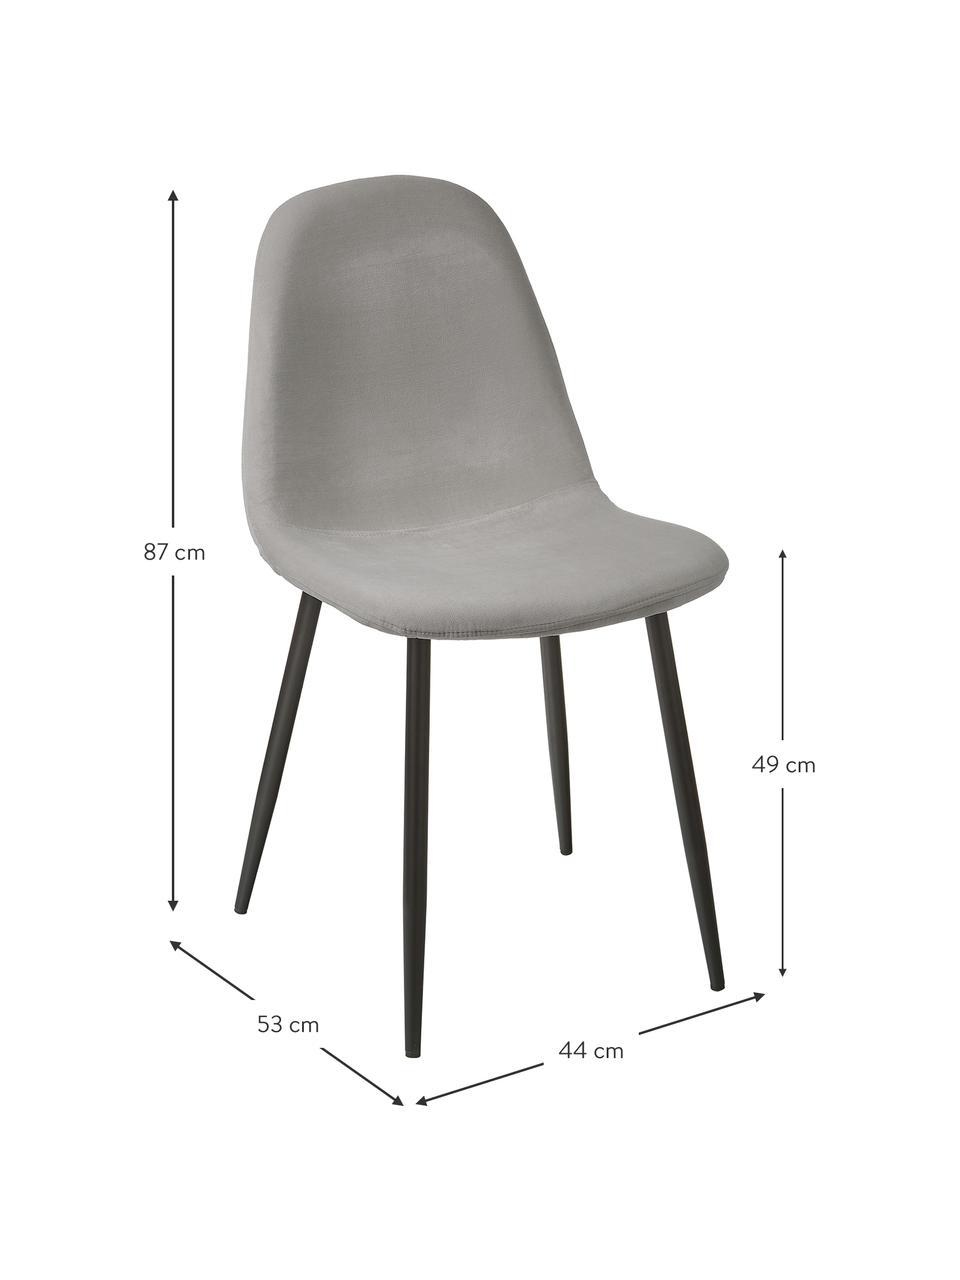 Samt-Polsterstühle Karla in Grau, 2 Stück, Bezug: Samt (100% Polyester) Der, Beine: Metall, pulverbeschichtet, Samt Grau, B 44 x T 53 cm